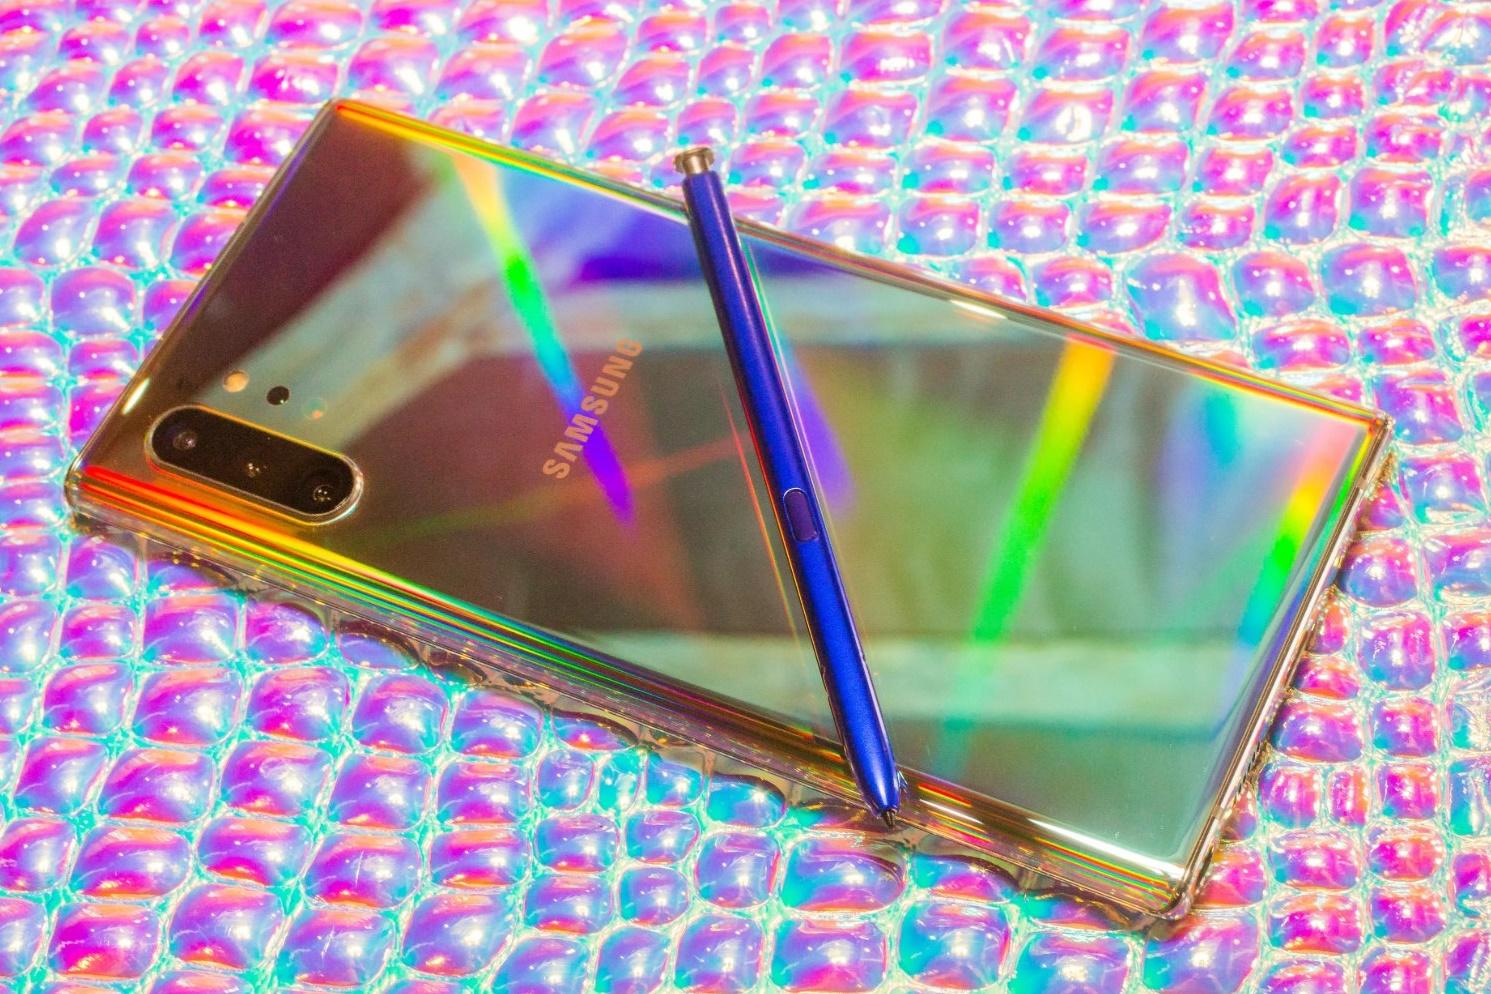 Exclusivo: Galaxy Note 10 já tem preços e datas para chegar ao Brasil